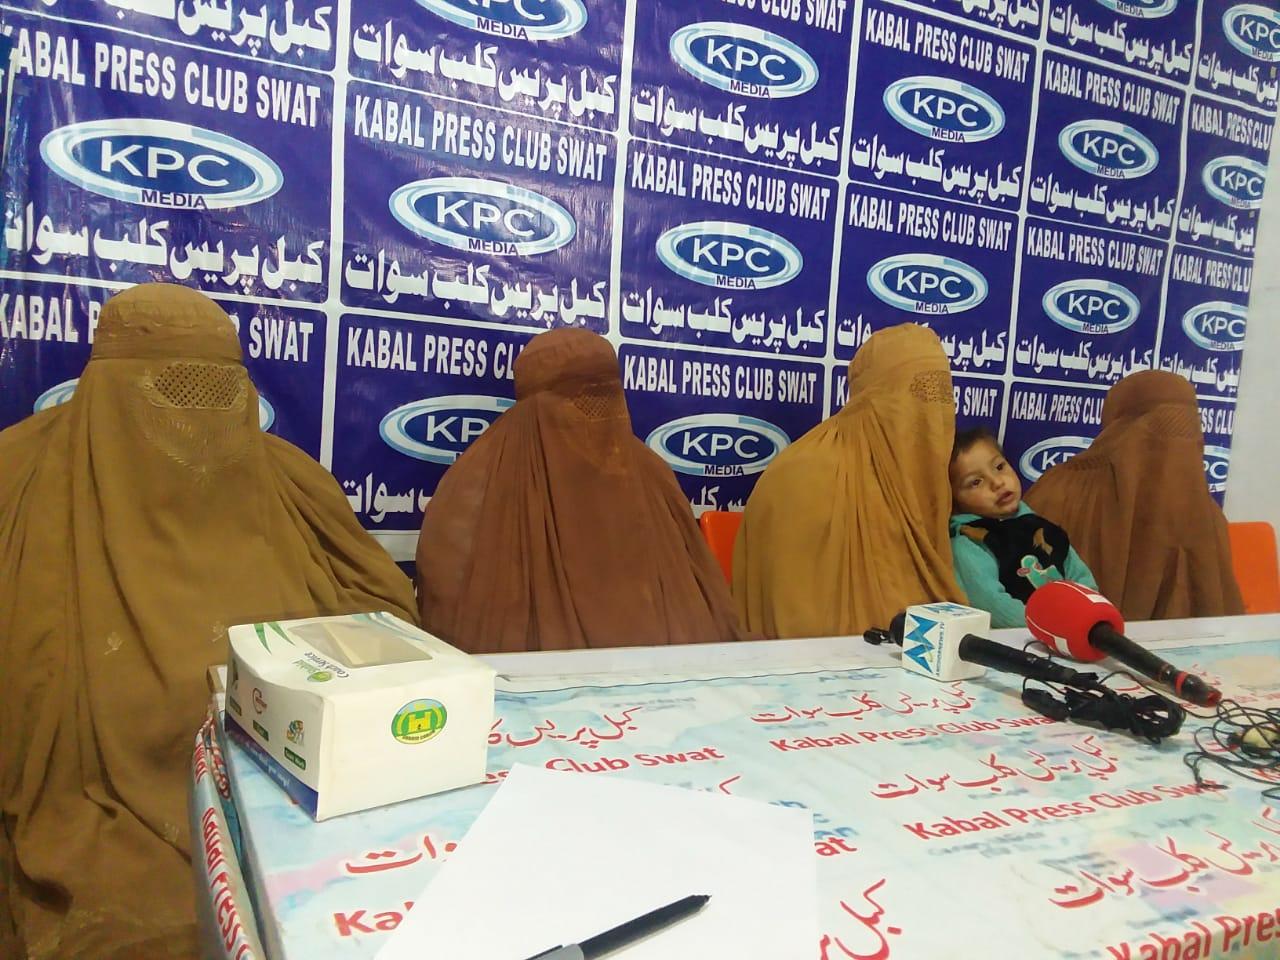 سوات، پولیس پر لاکھوں اور زیوارات لوٹنے کا الزام عائد